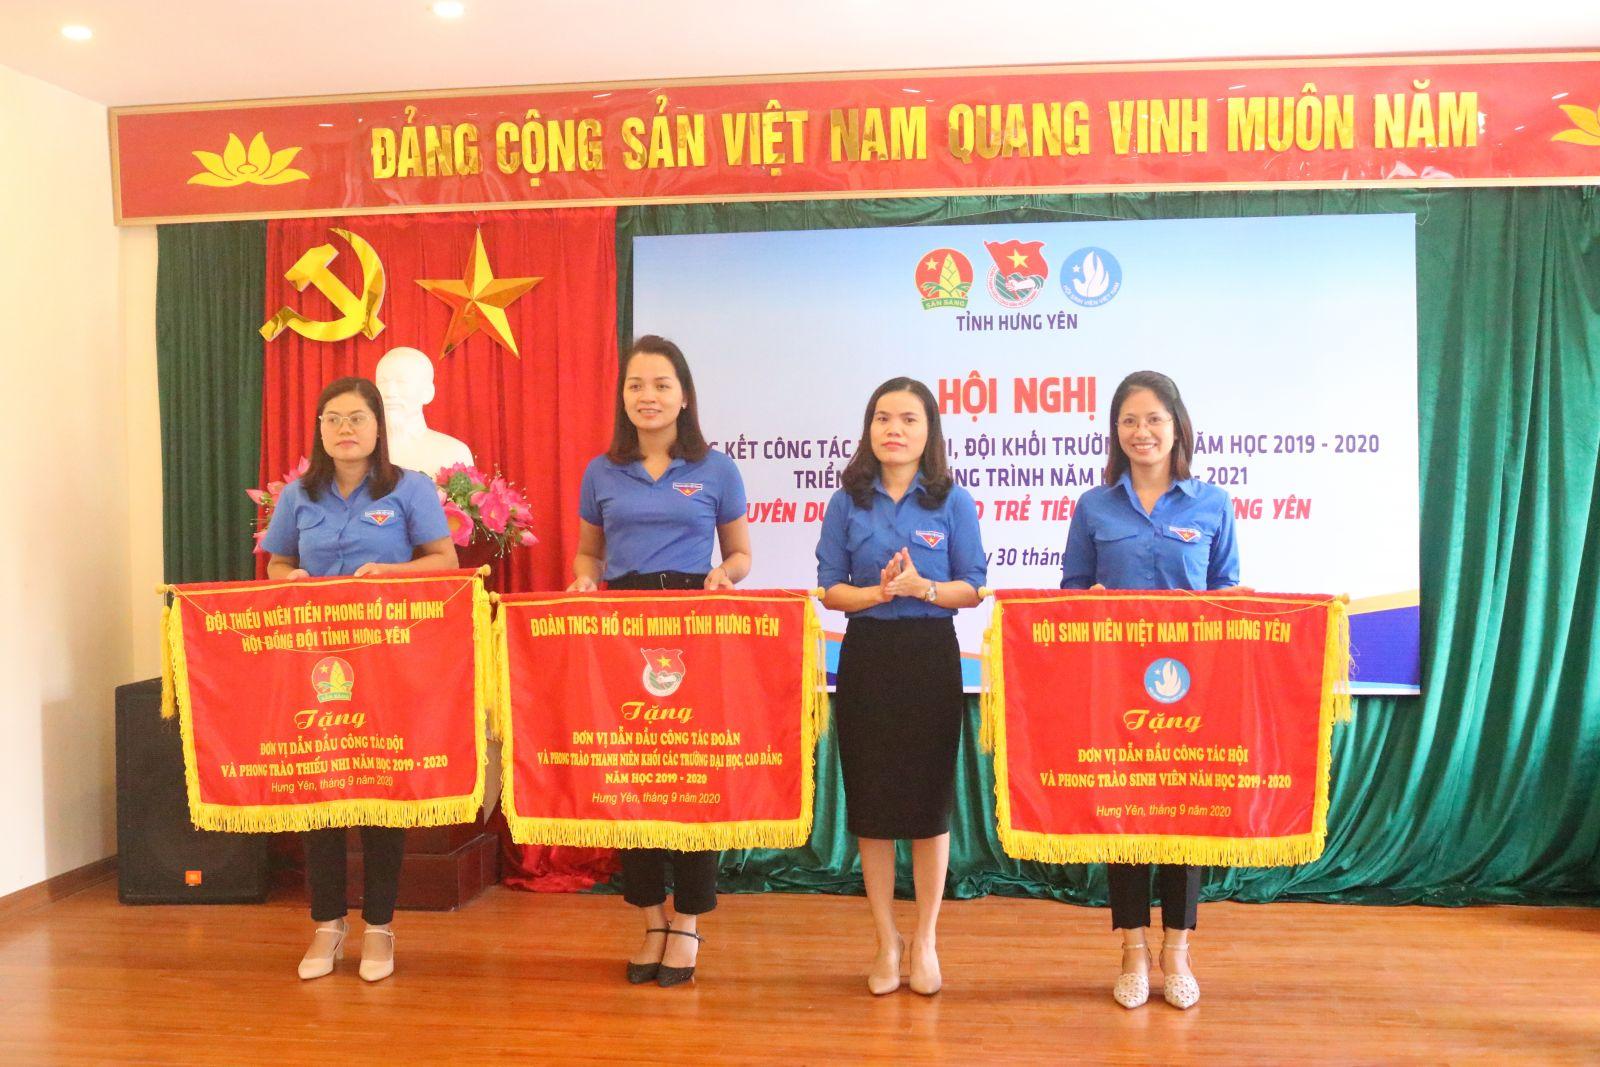 Hội nghị Tổng kết công tác Đoàn, Hội, Đội khối trường học năm học 2019-2020, triển khai Chương trình năm học 2020-2021 và Tuyên dương Nhà giáo trẻ tỉnh Hưng Yên